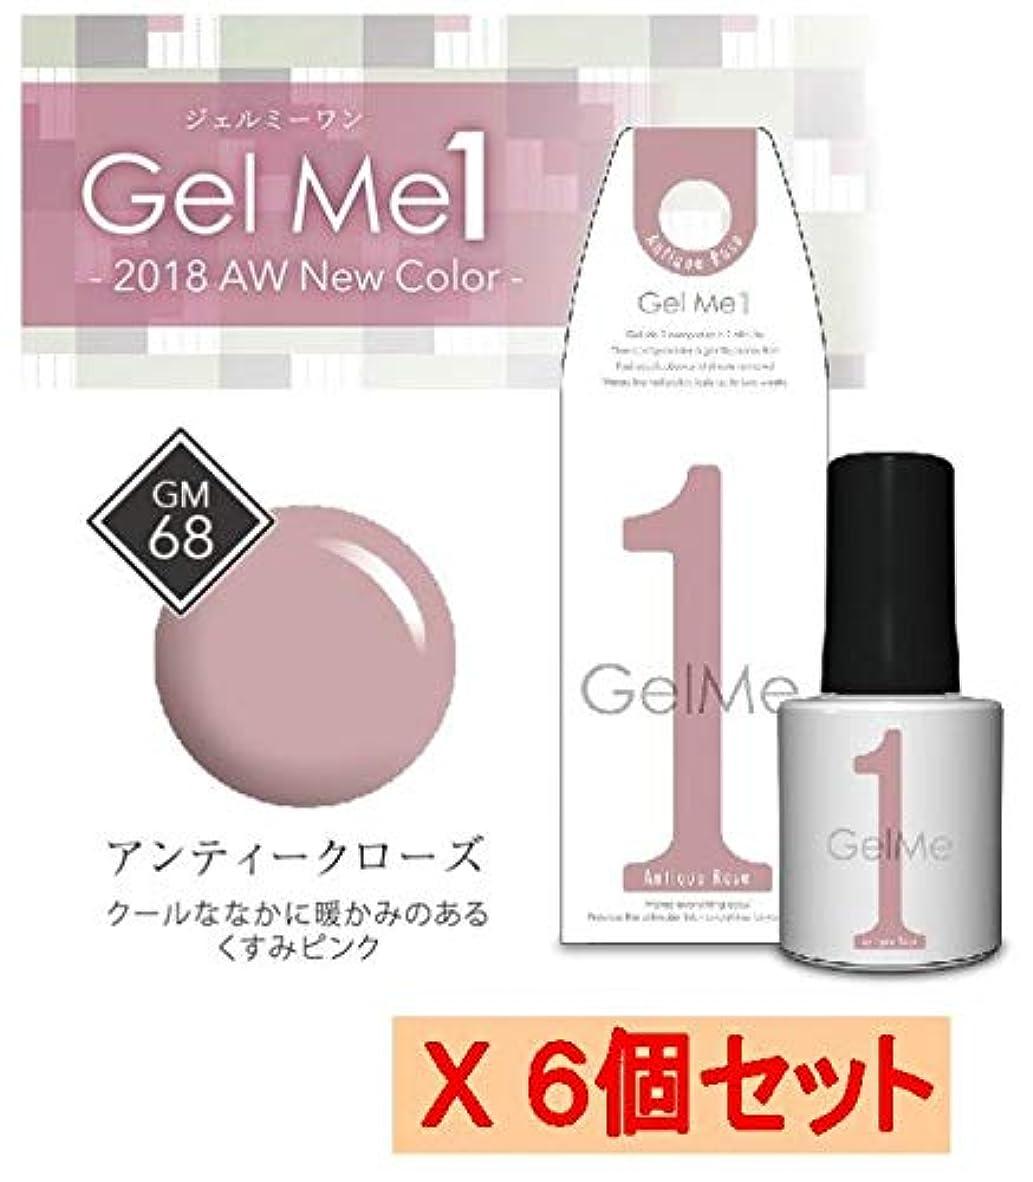 取る酸化物株式ジェルミーワン[GelMe1] GM-68 アンティークローズ 【セルフ ジェルネイル ジェル】 X6個セット